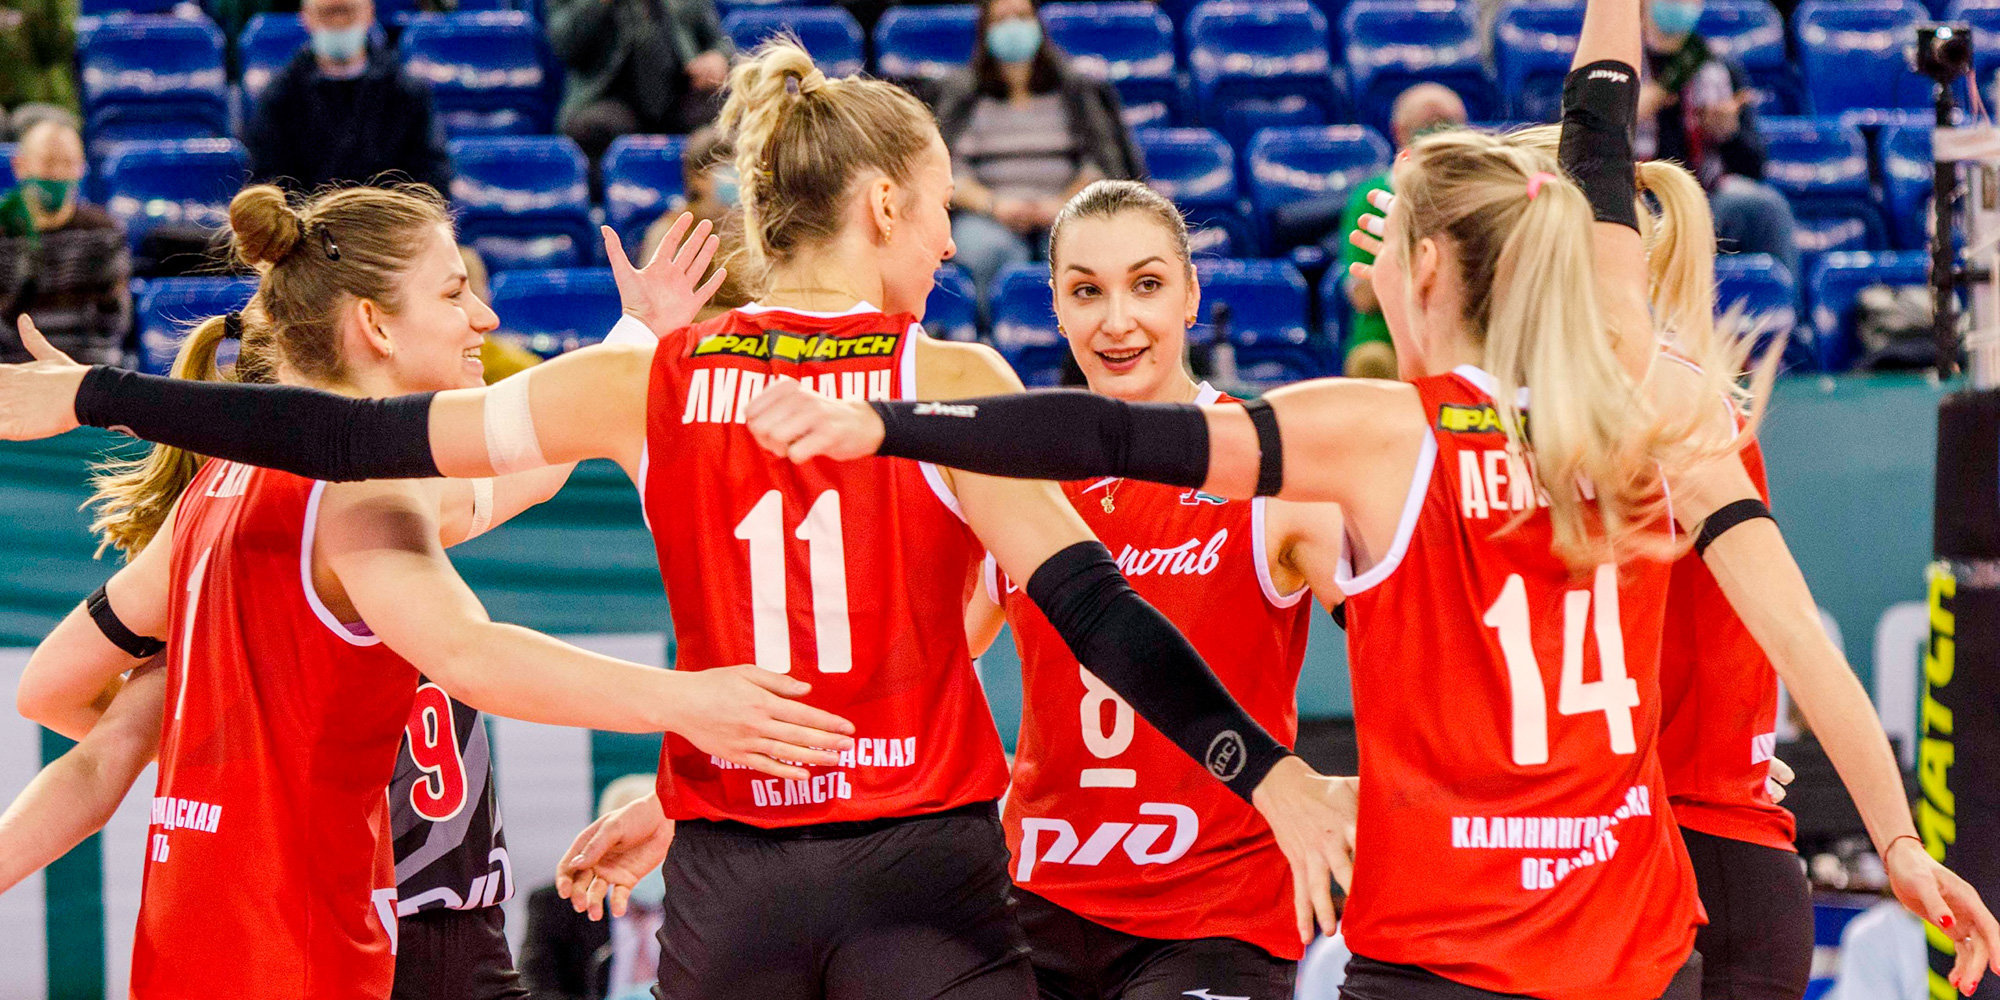 «Локомотив» обыграл «Динамо» в перенесенном матче. Московская команда потерпела первое поражение с октября